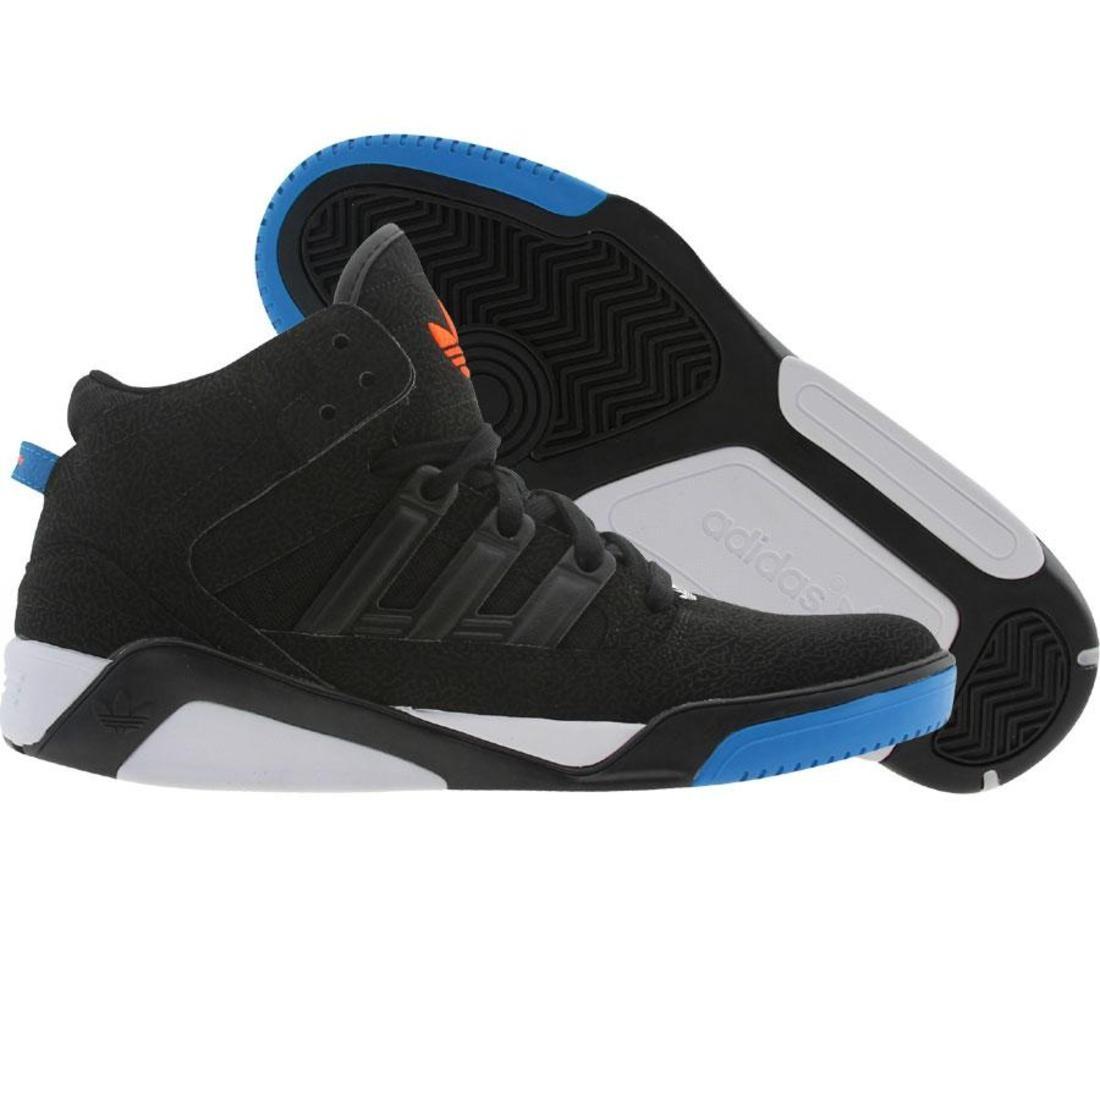 【海外限定】アディダス カウント 青 ブルー スニーカー 靴 【 ADIDAS BLUE COURT BLAZE LQC BLACK CRAYON WARNIN 】